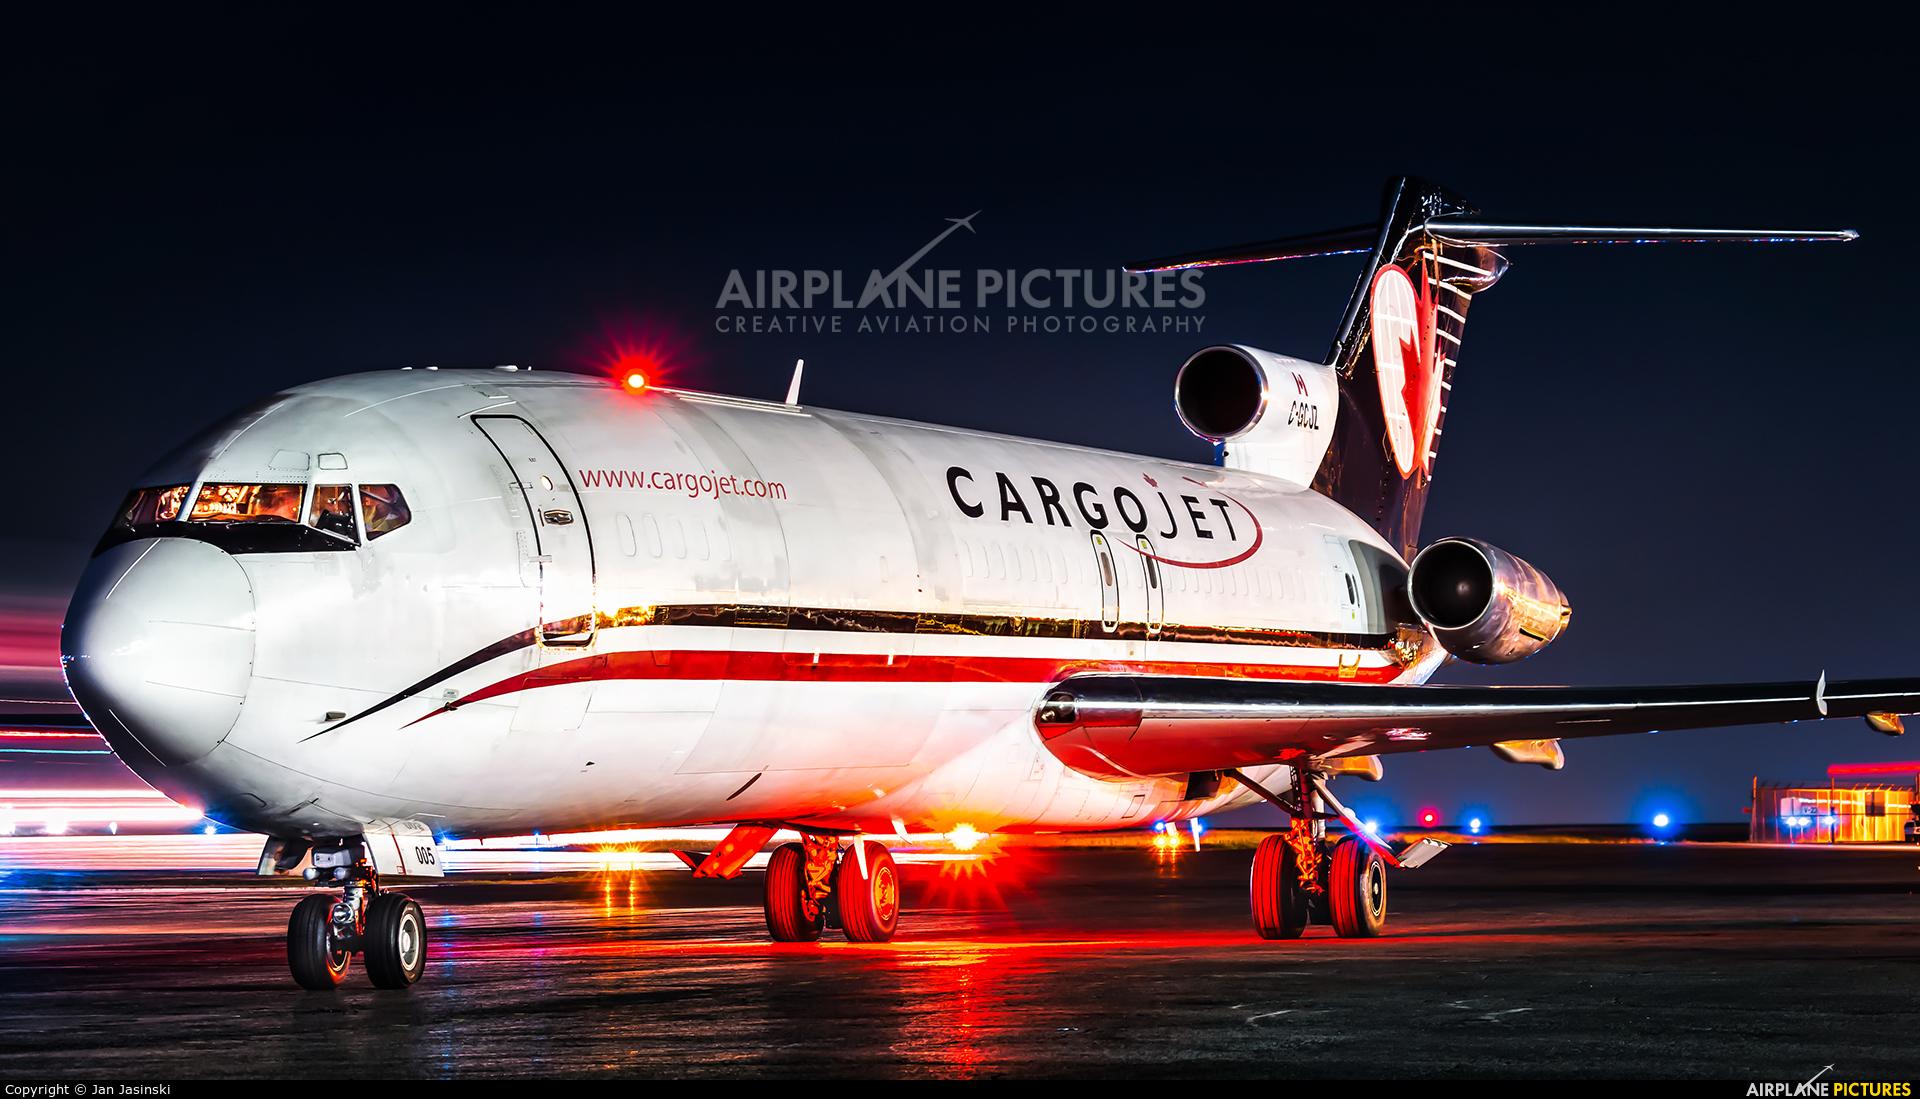 Cargojet Airways C-GCJZ aircraft at Ottawa - Macdonald-Cartier Intl, ON